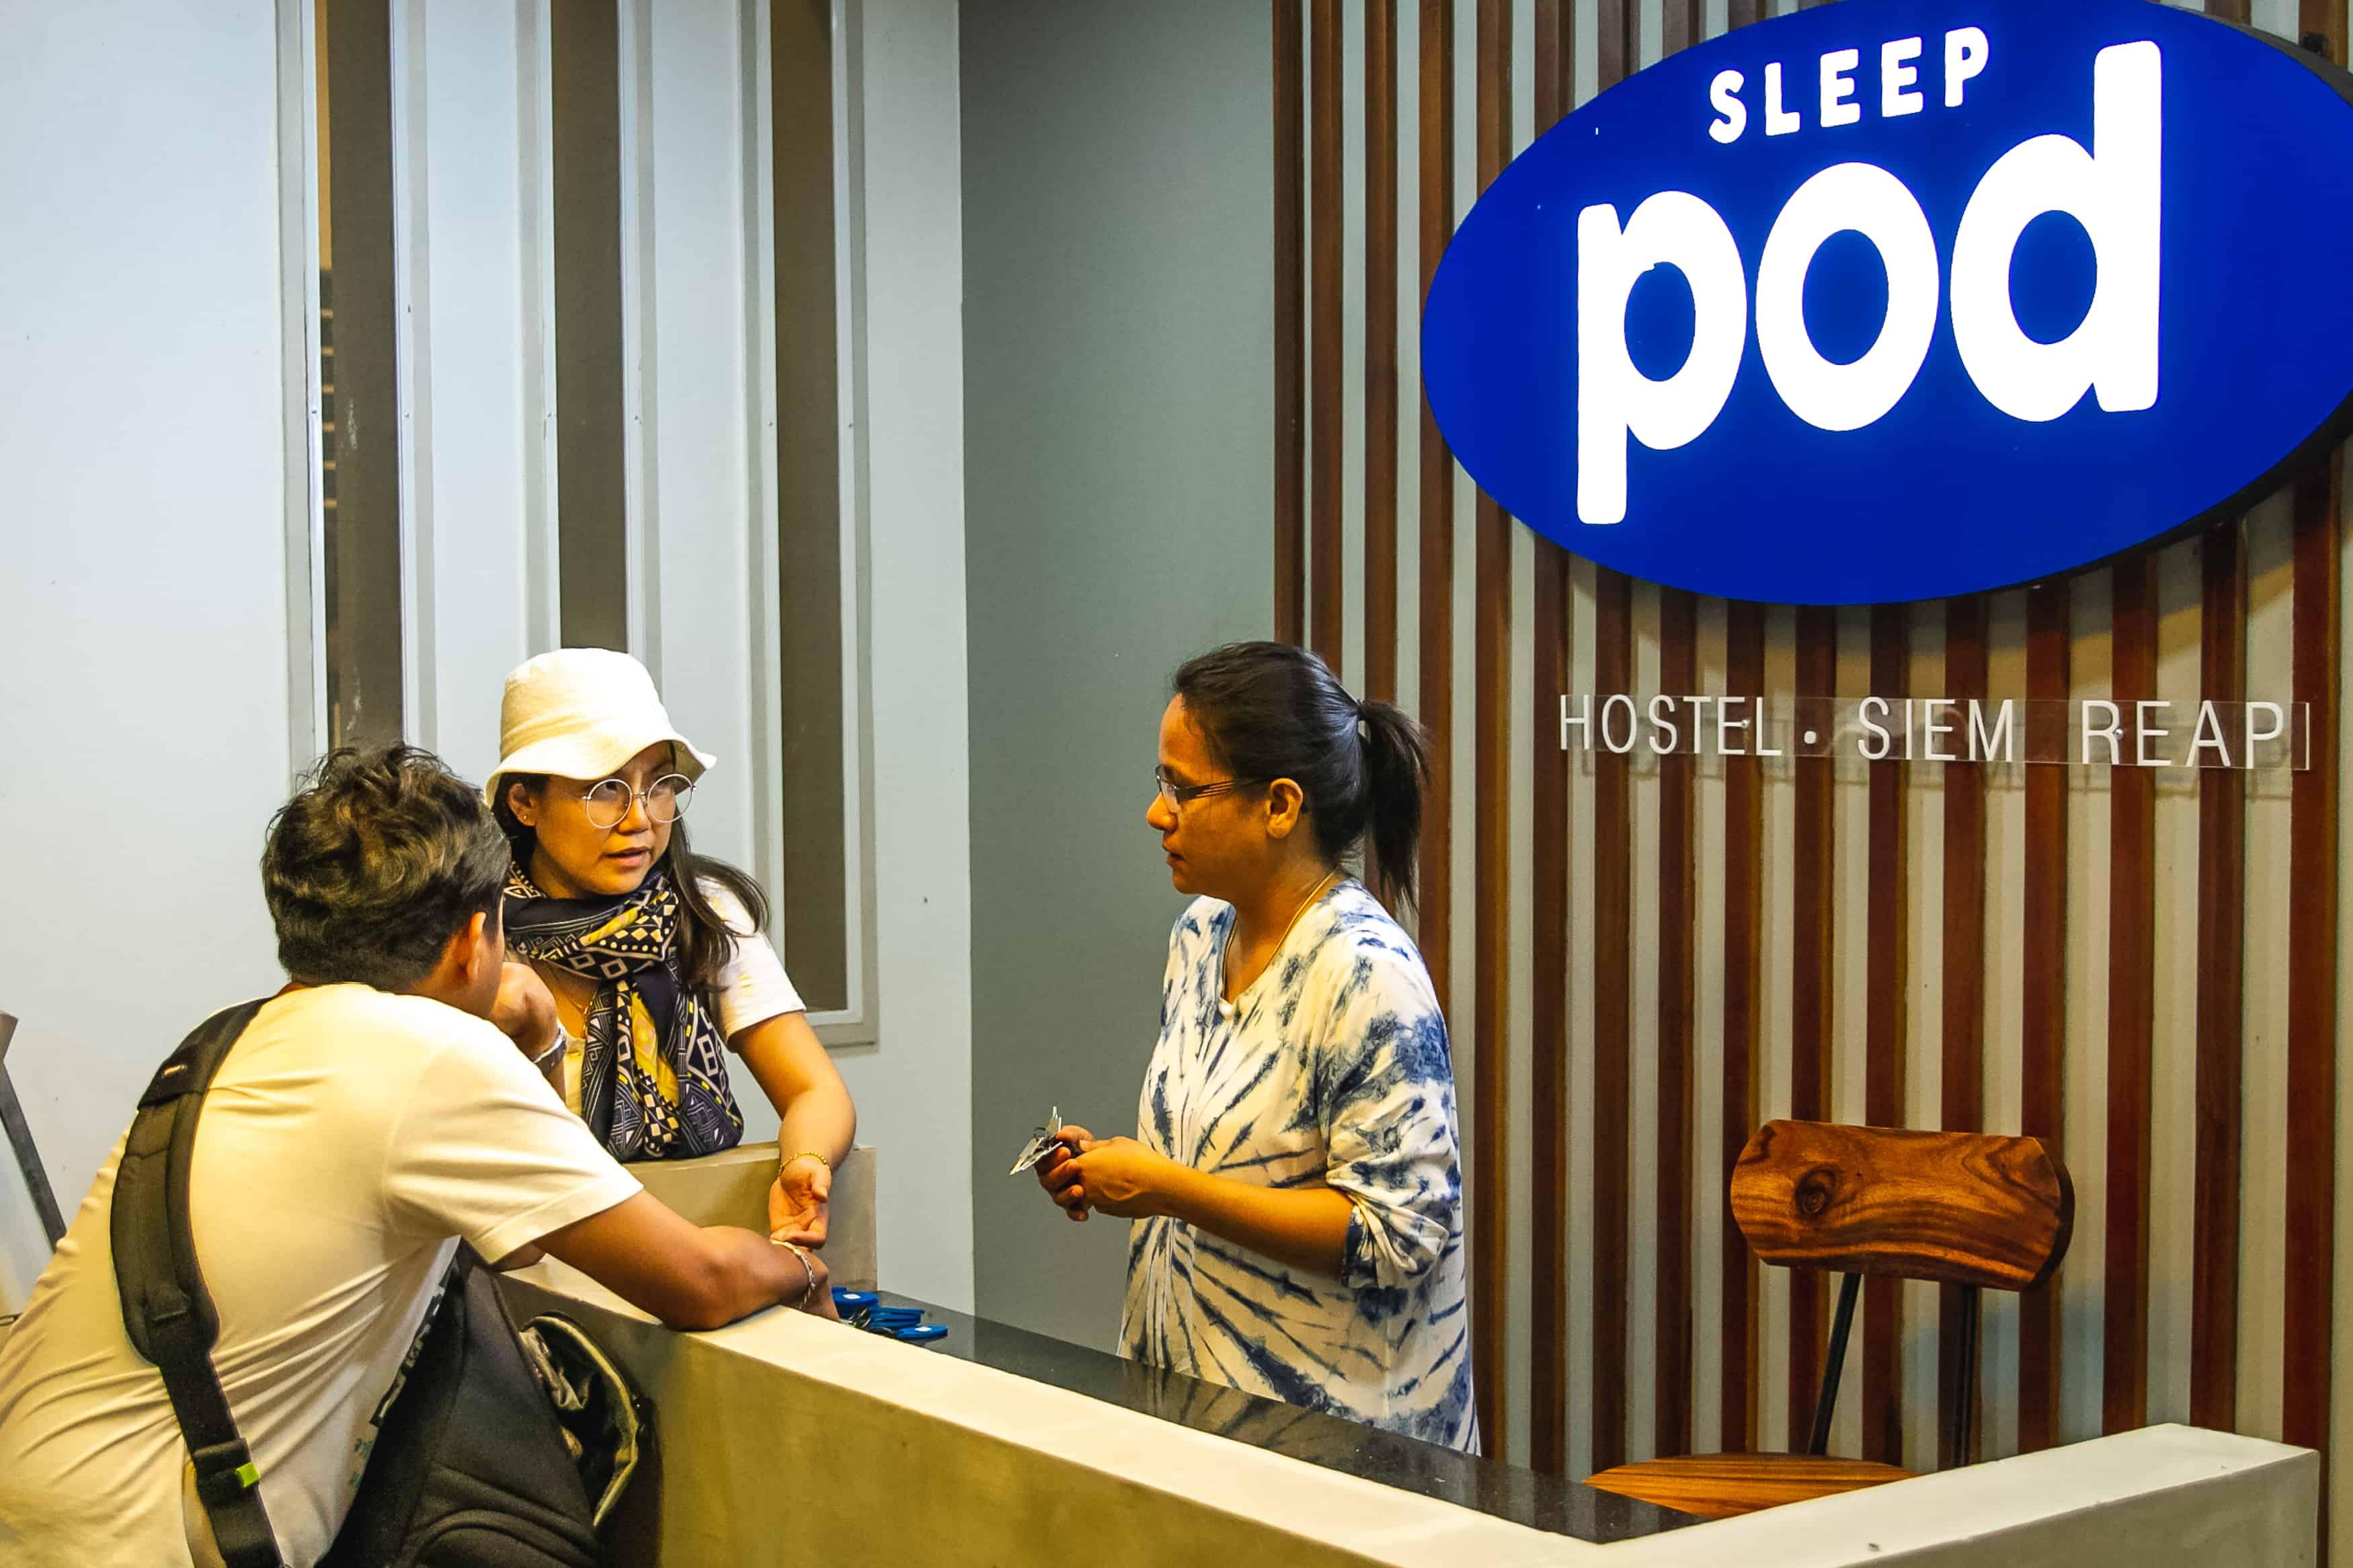 HOSTEL - Sleep Pod